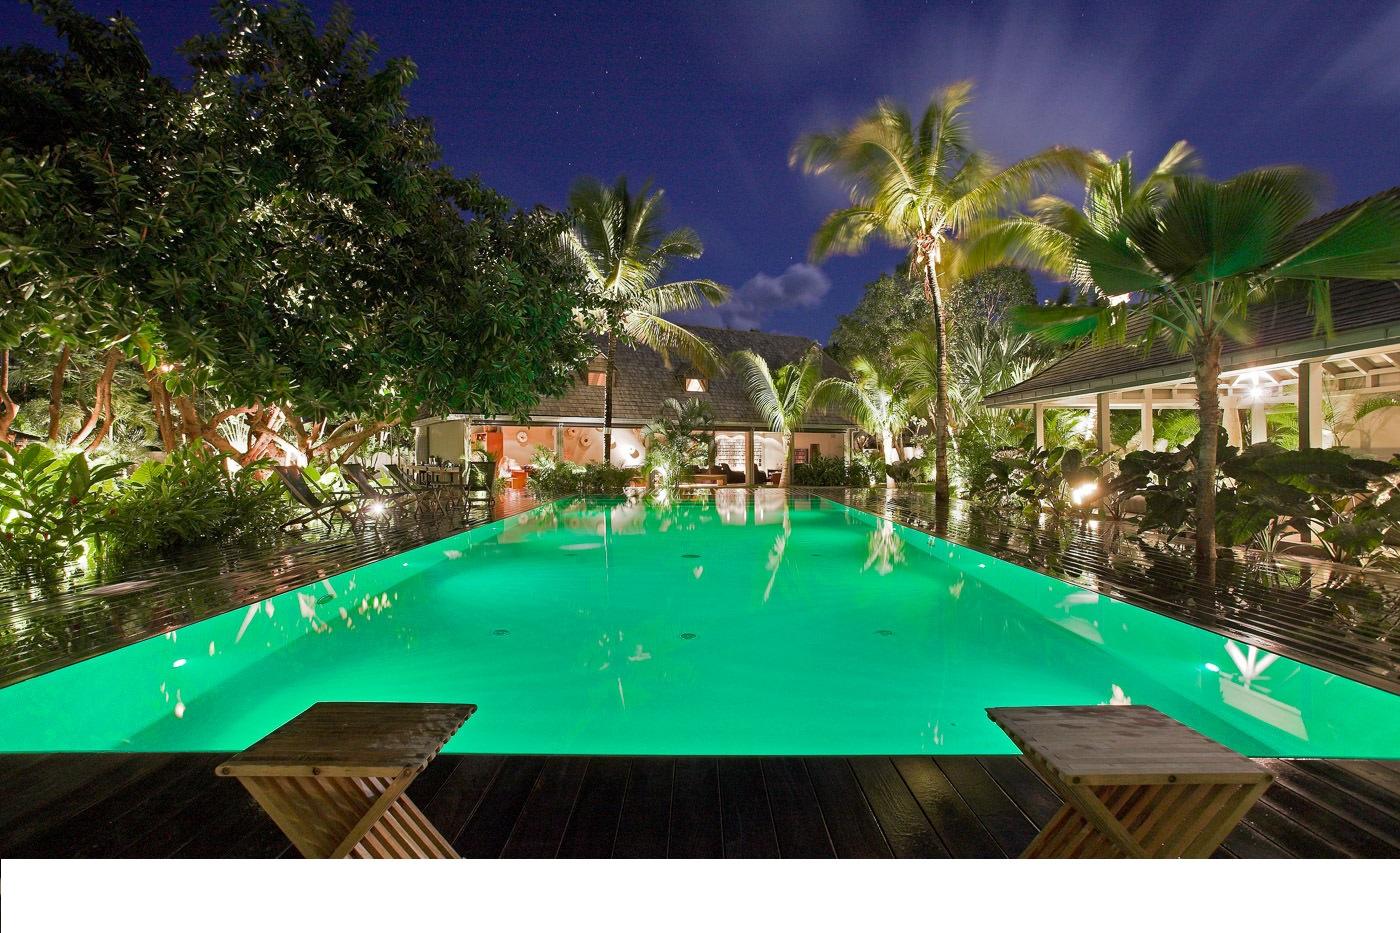 Location saint barthelemy villa de luxe avec piscine for Lorient piscine